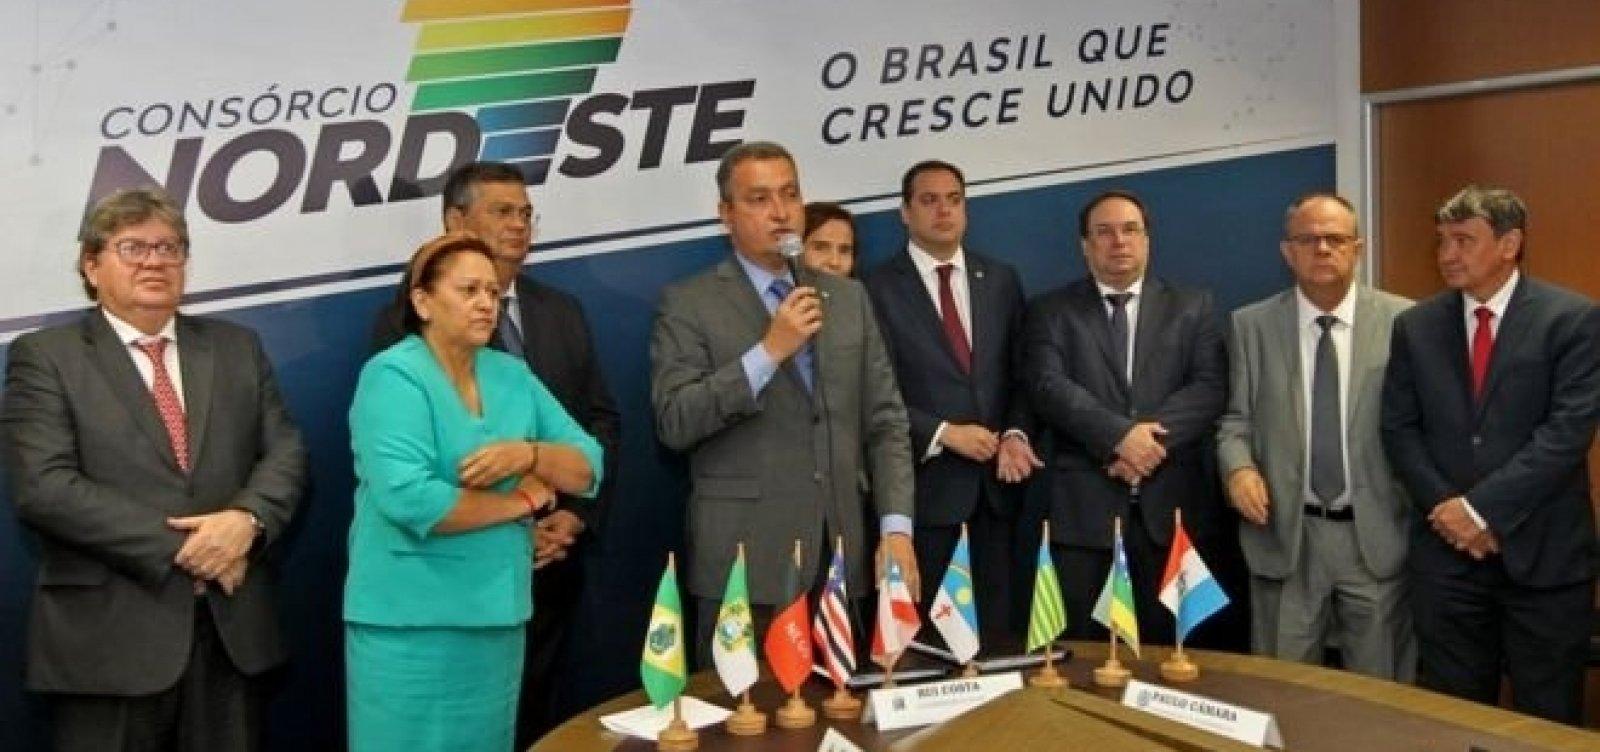 Governadores do Nordeste repudiam declaração sobre retorno do AI-5: 'Ditadura nunca mais'